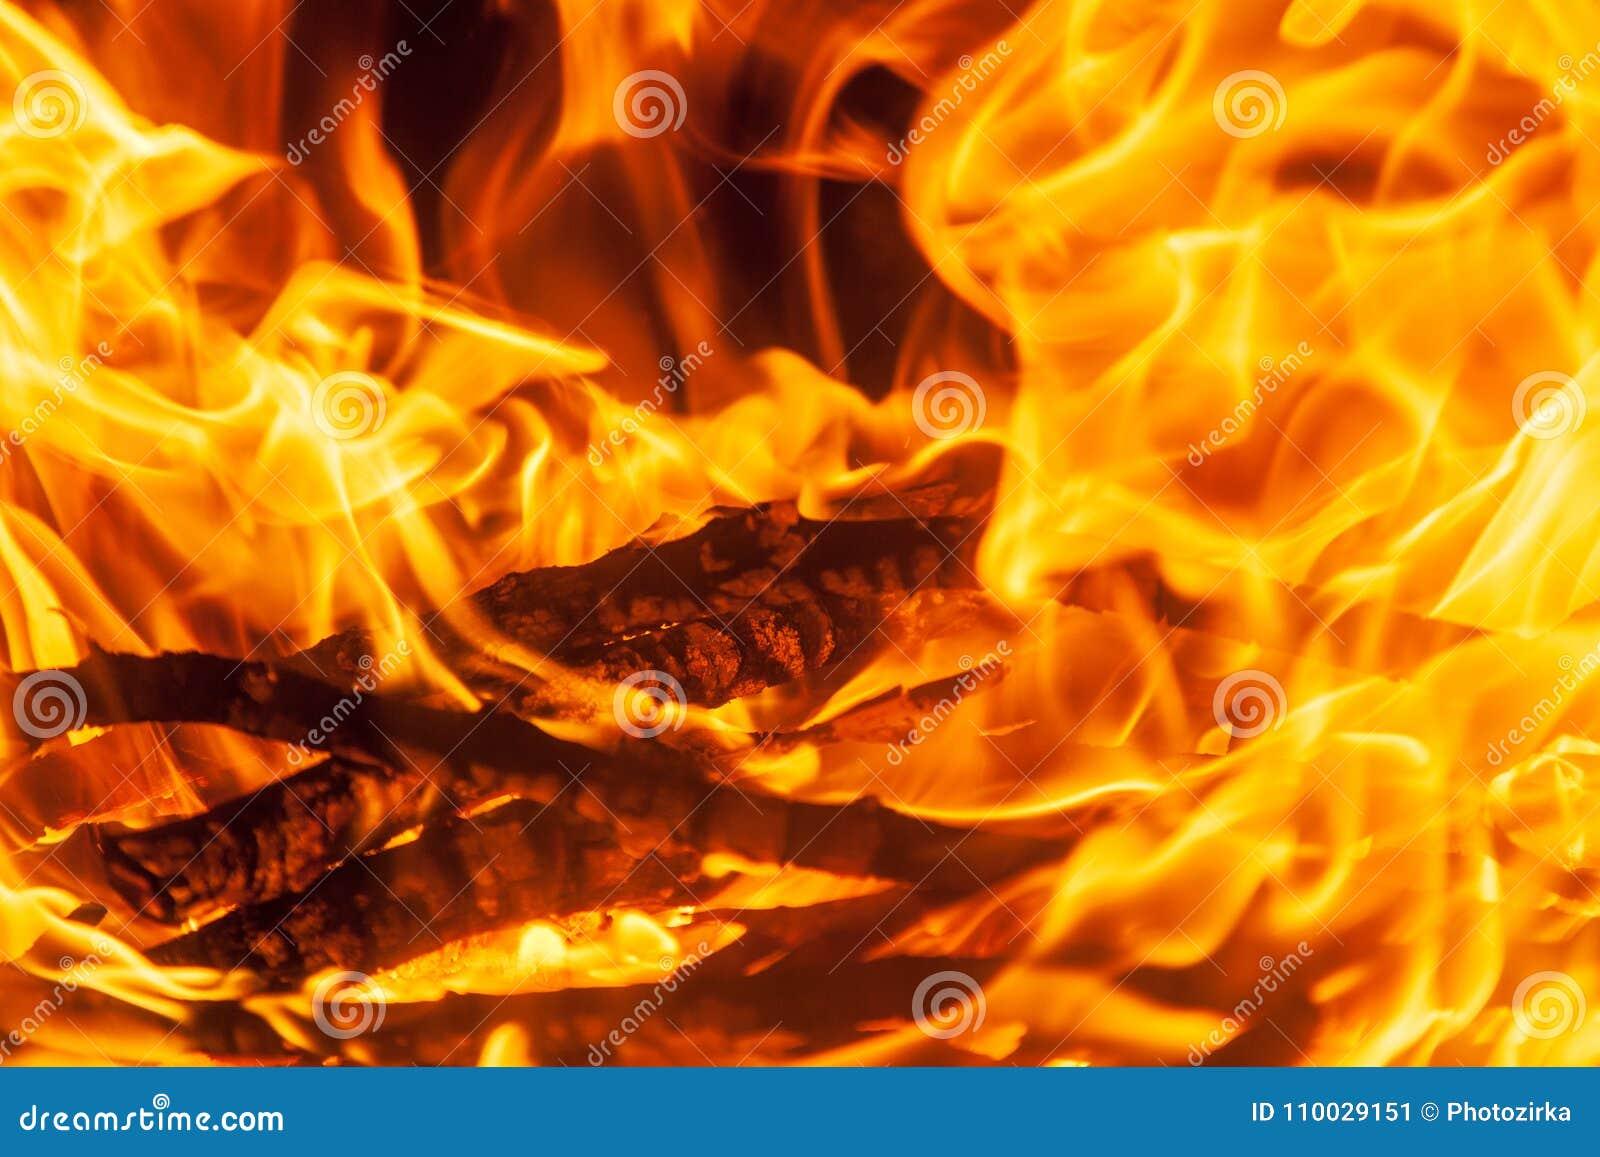 Geschoten van het branden van brandhout in open haard